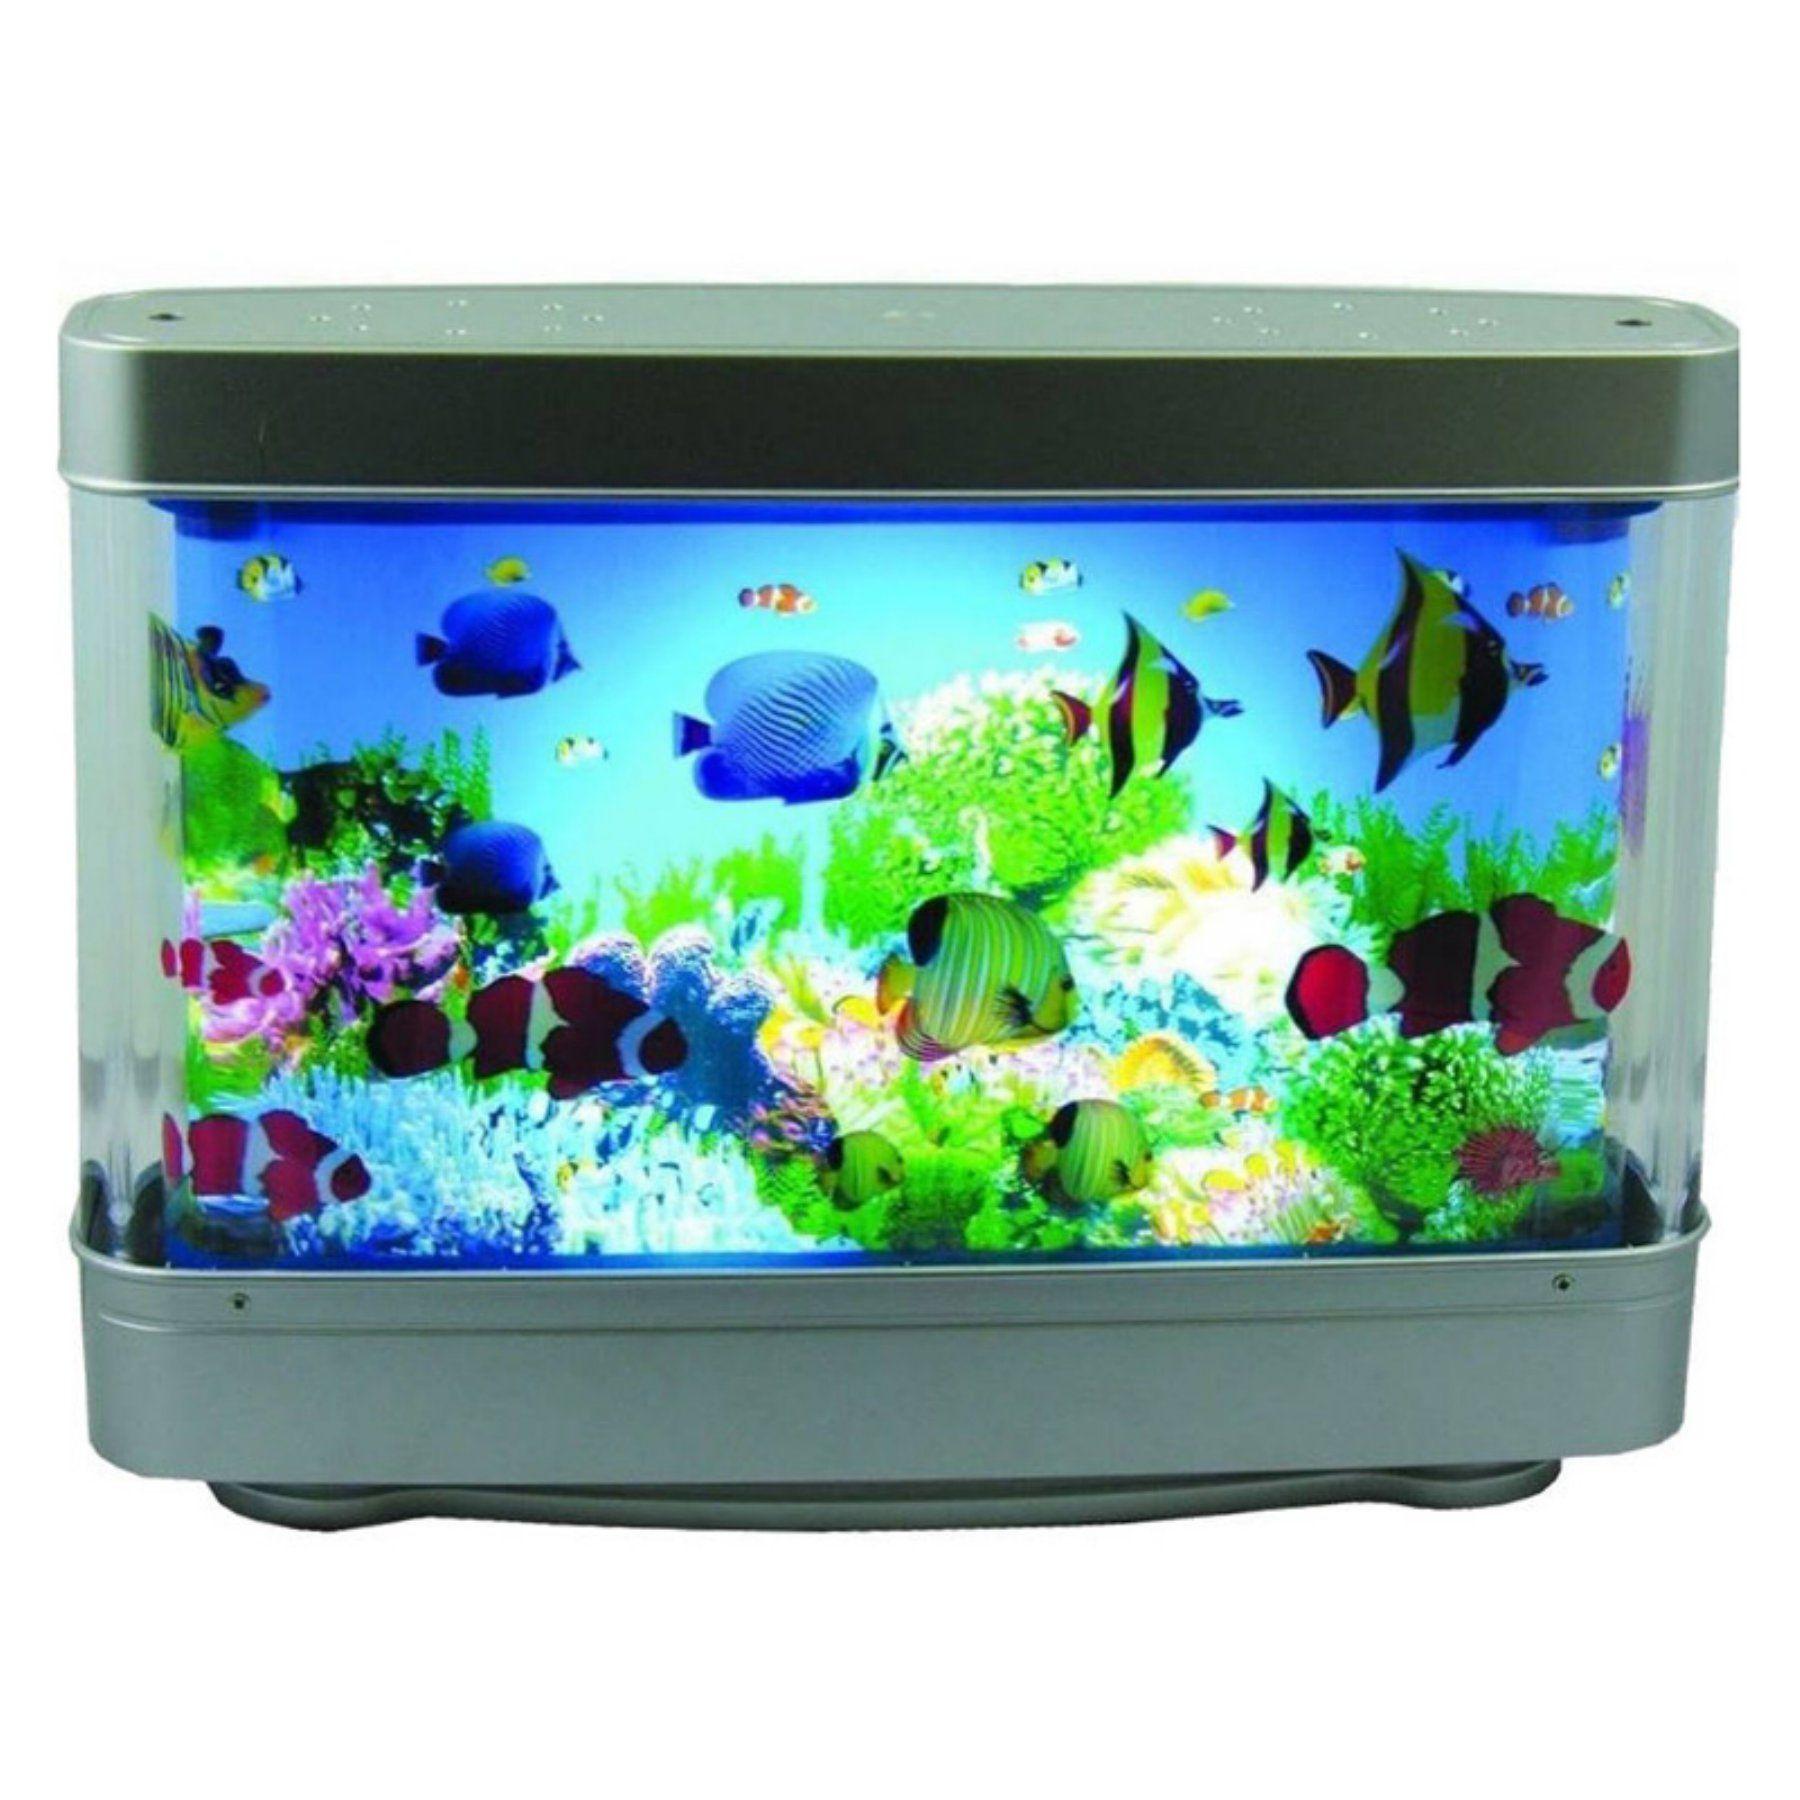 Dsi Aquarium Motion Lamp E383f58f086b42078c14f87dbb75c11f